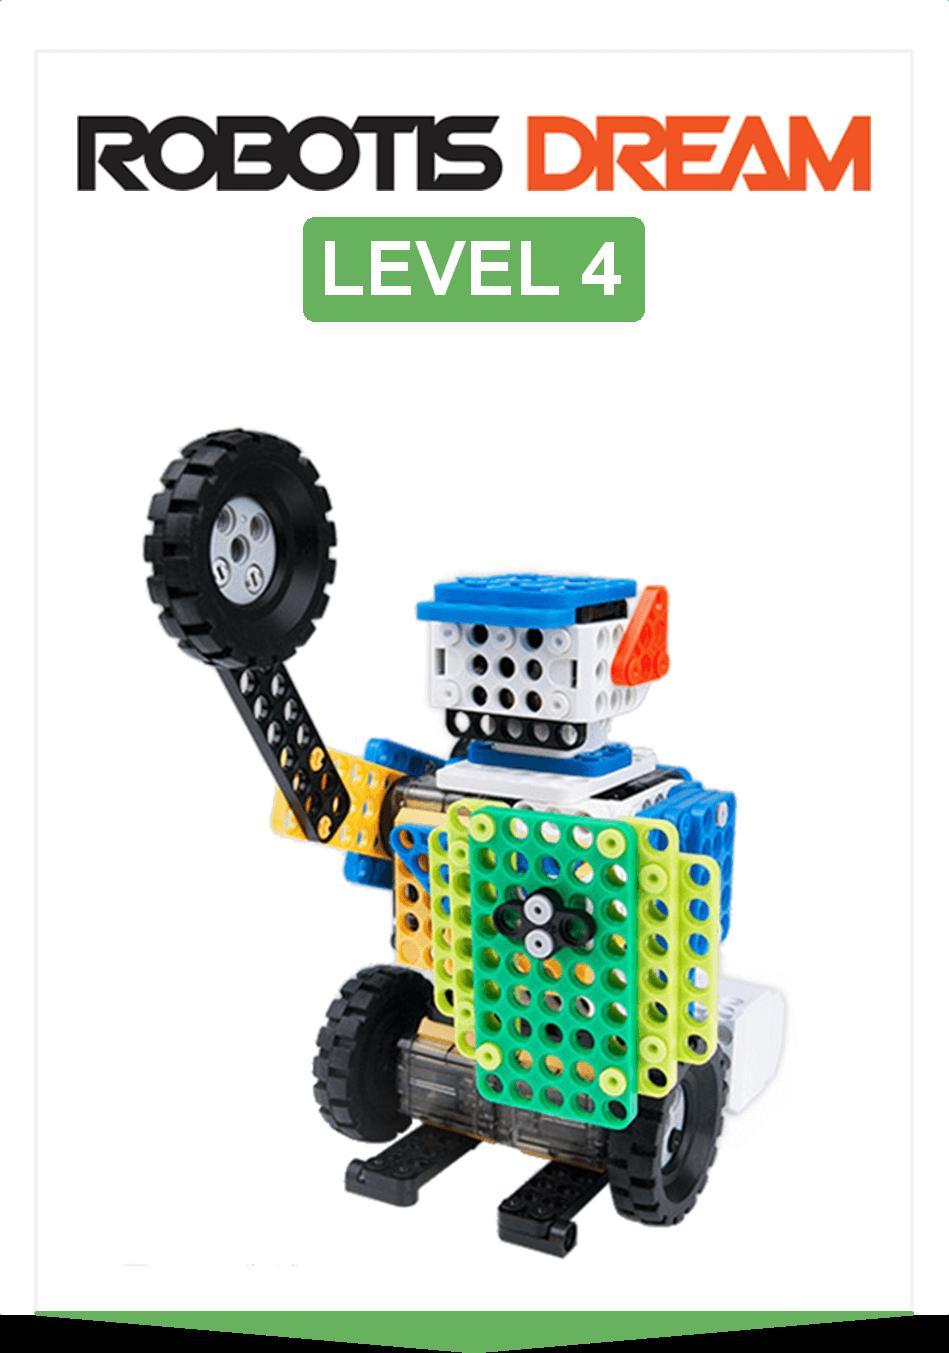 ROBOTIS DREAM Nivel 4: Competición y juegos